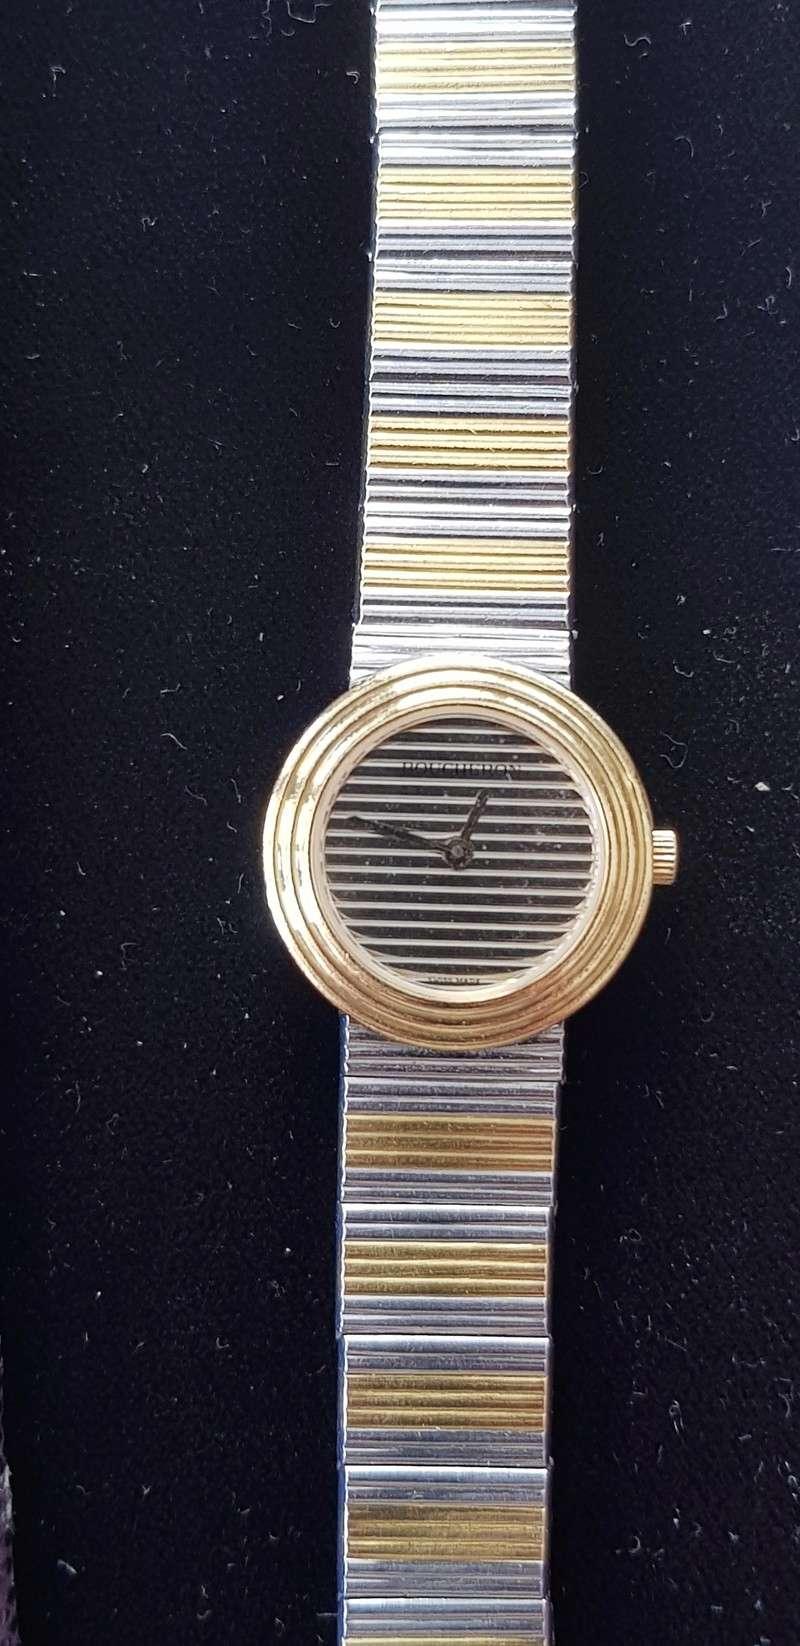 seamaster -  [Postez ICI les demandes d'IDENTIFICATION et RENSEIGNEMENTS de vos montres] - Page 24 20180510